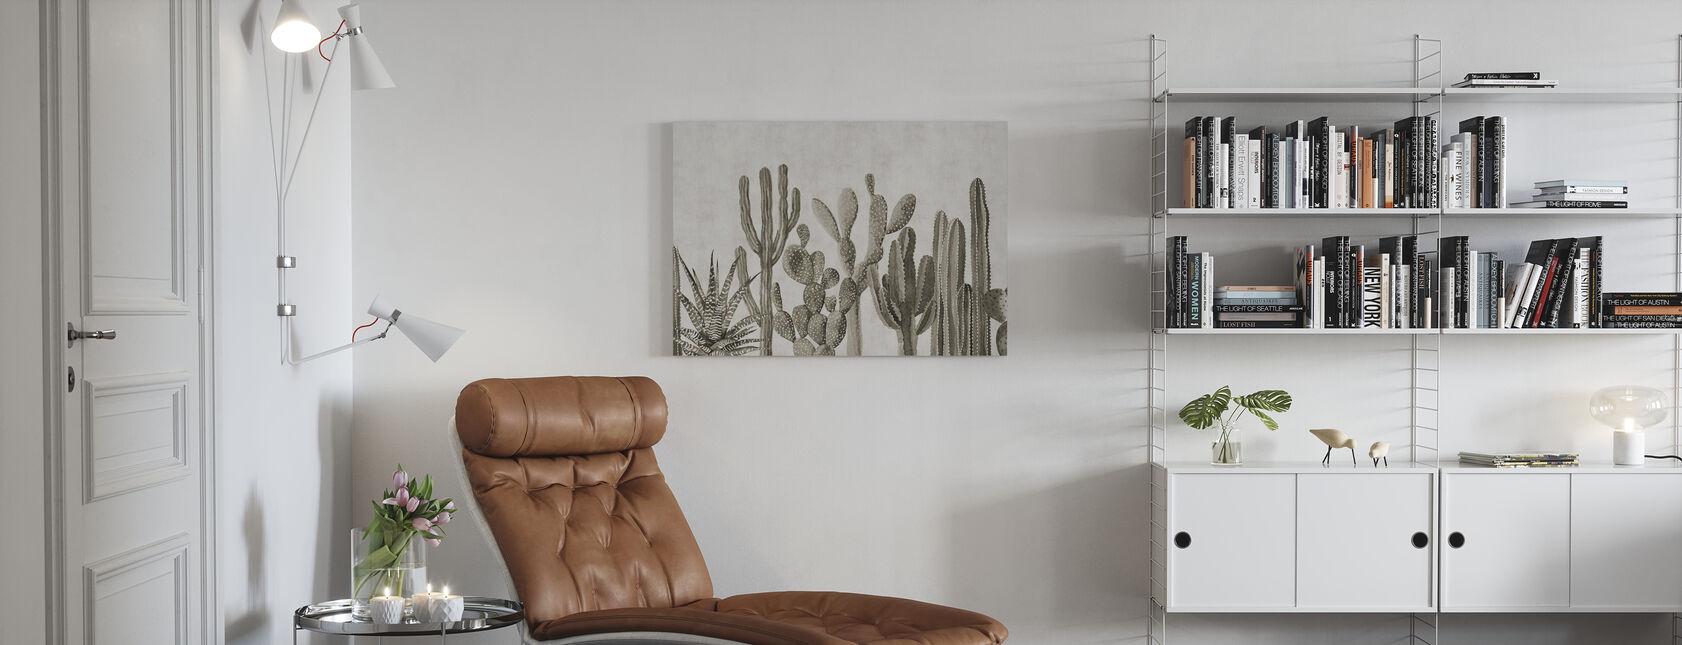 Kaktus Atacama - Sepia - Obraz na płótnie - Pokój dzienny